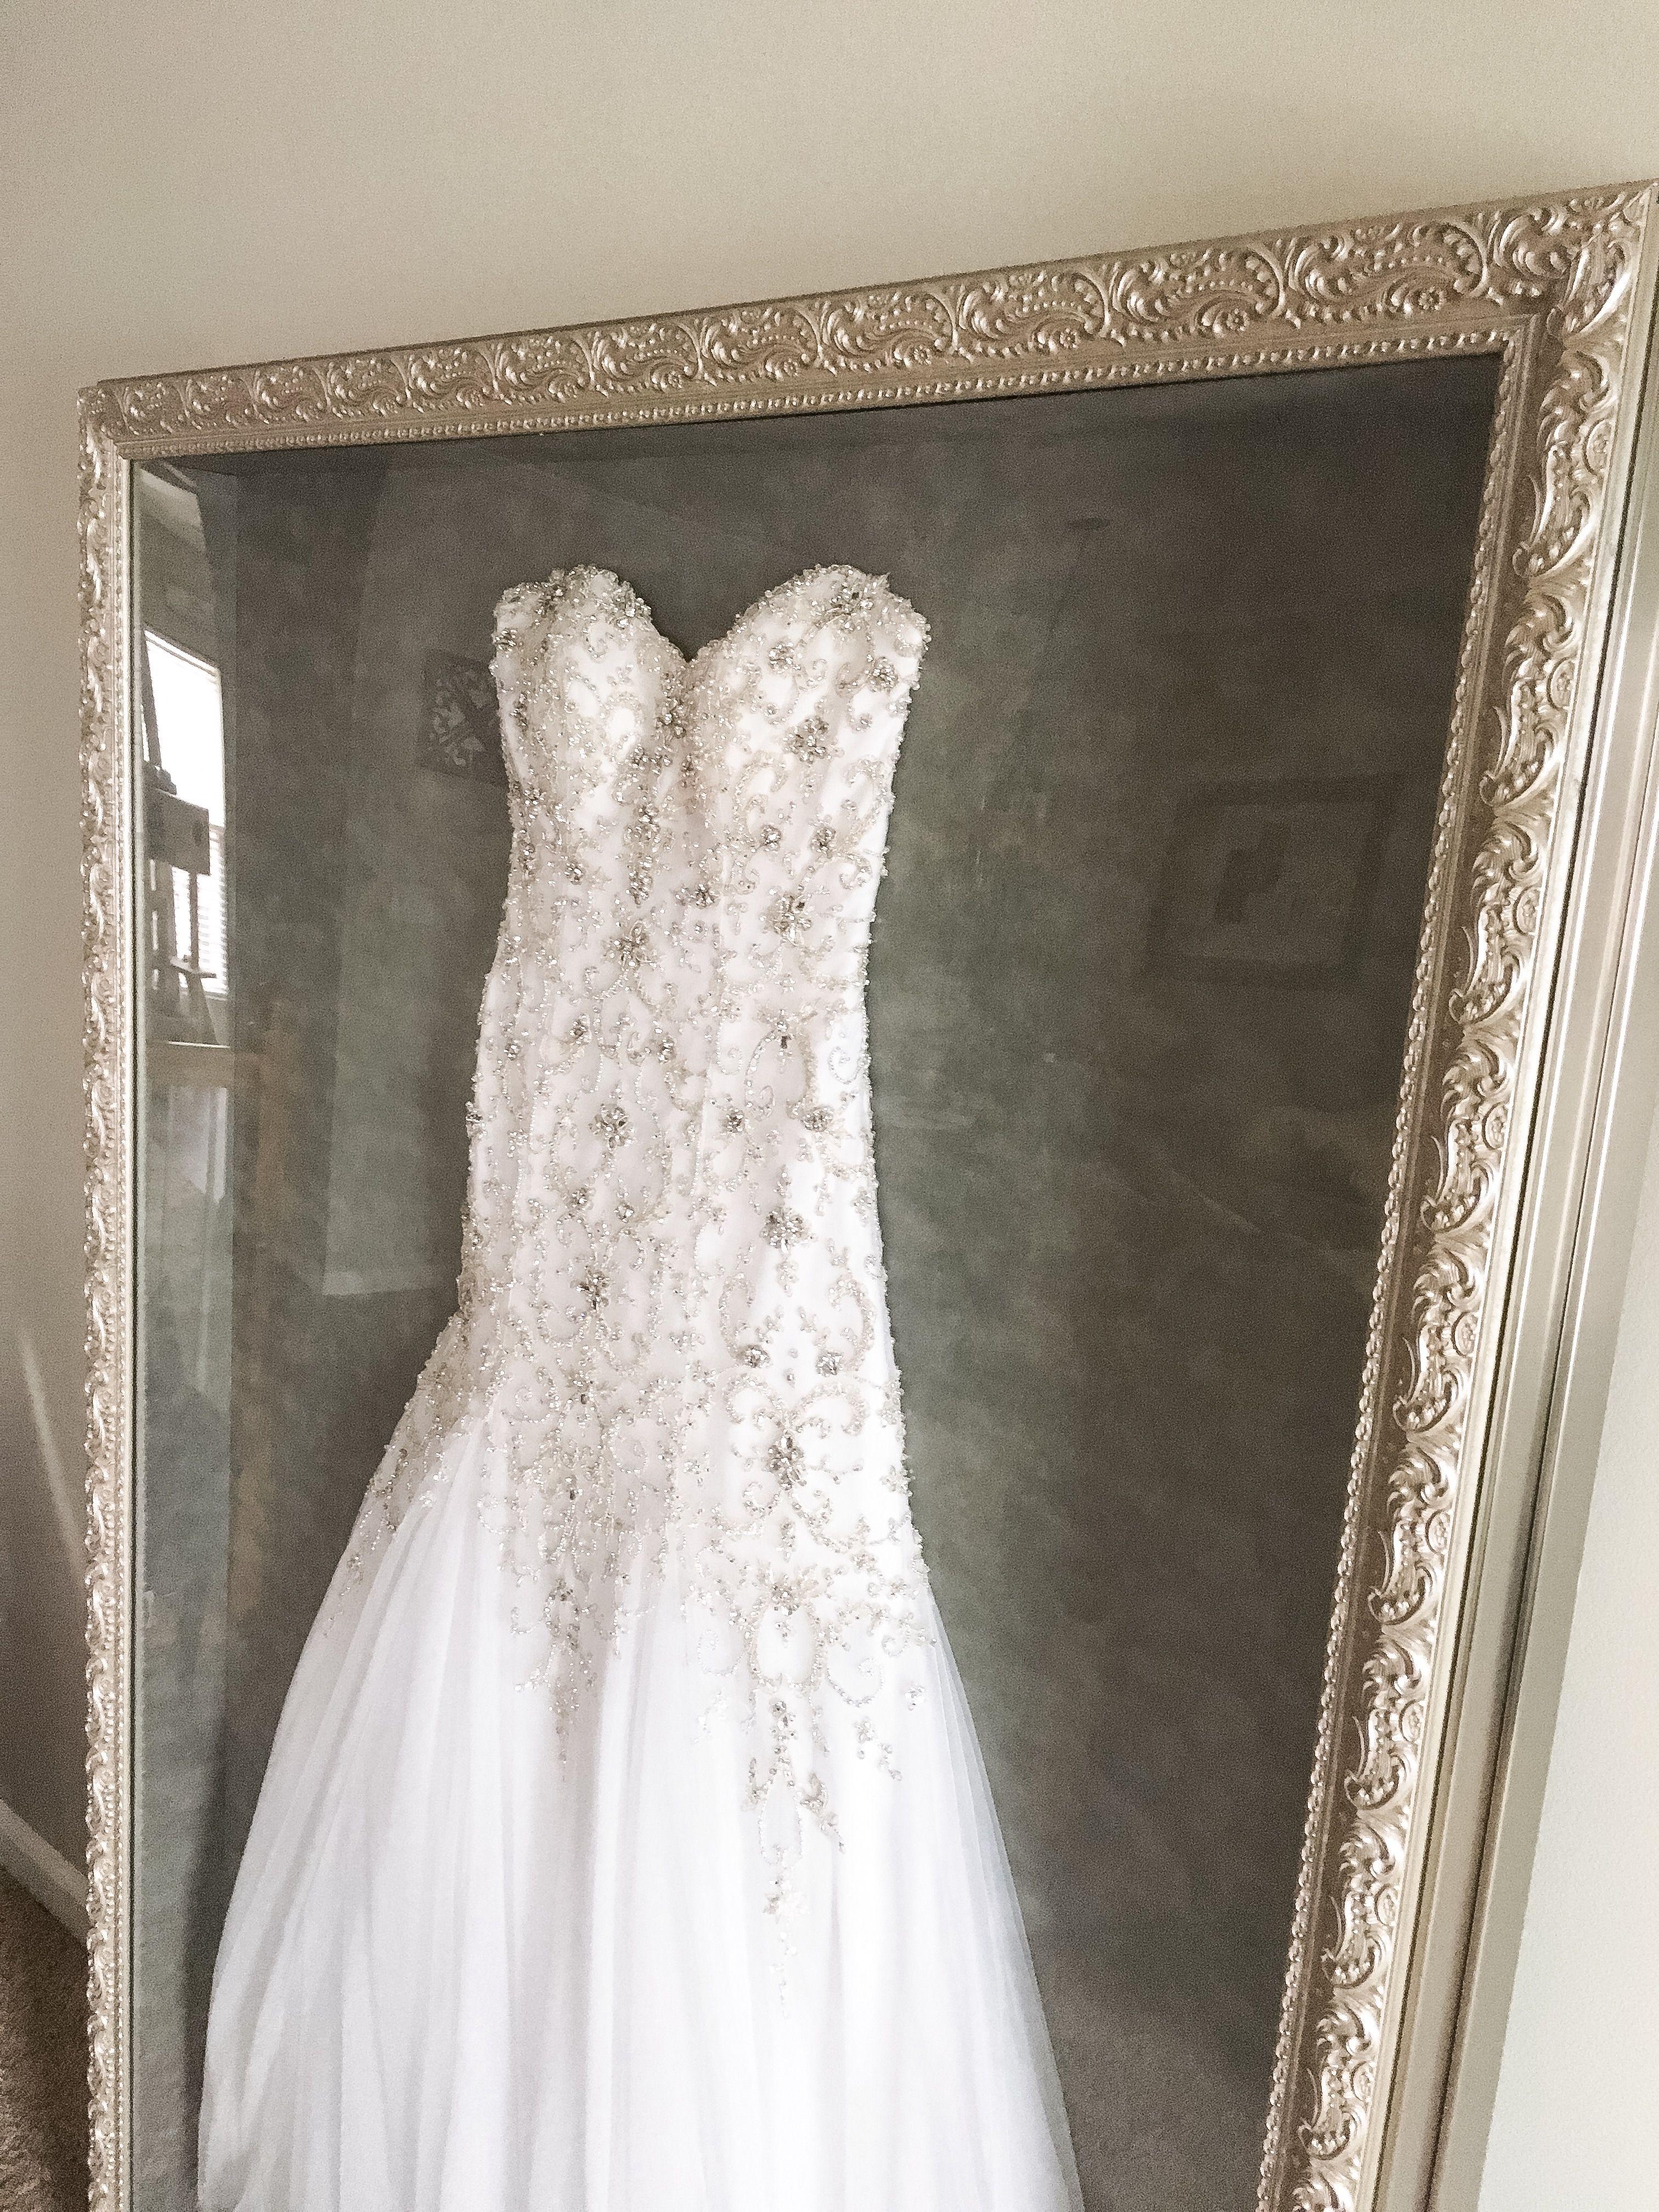 My Wedding Dress In A Shadow Box Done By Hobby Lobby 700 40x60 Wedding Dress Shadow Box Wedding Dress Display Wedding